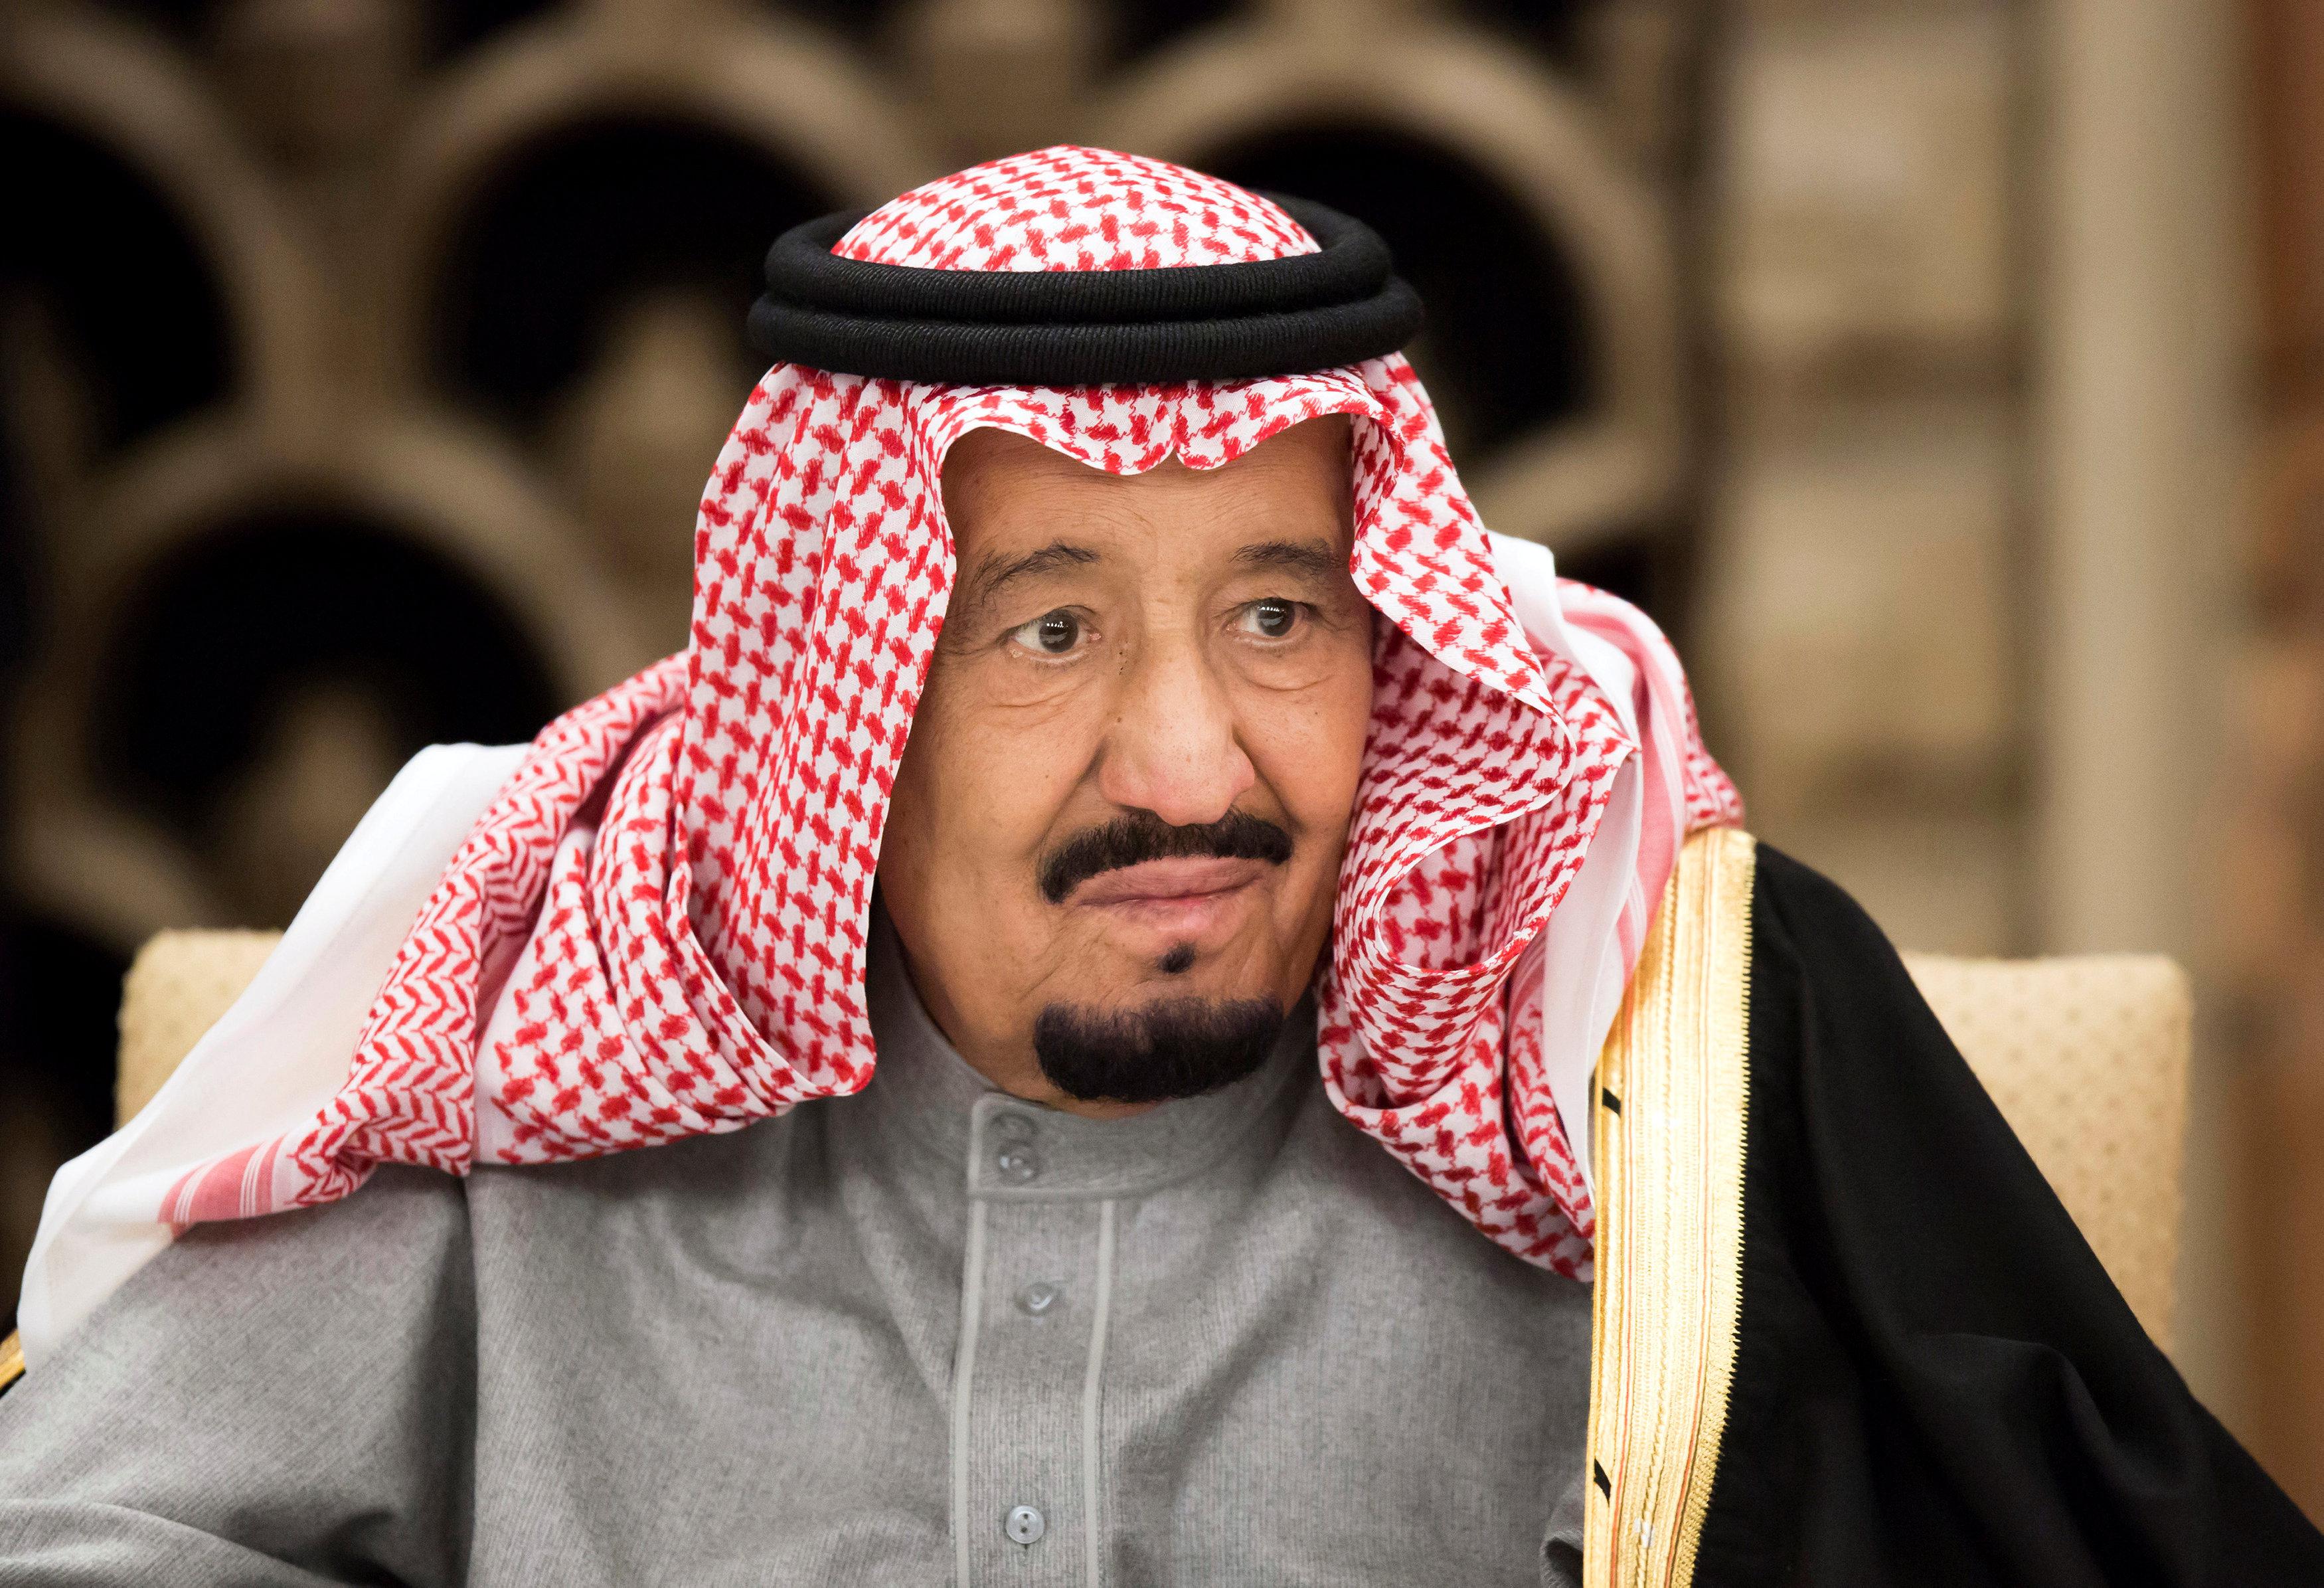 الملك سلمان يأمر بإعادة صرف العلاوة السنوية لموظفي السعودية